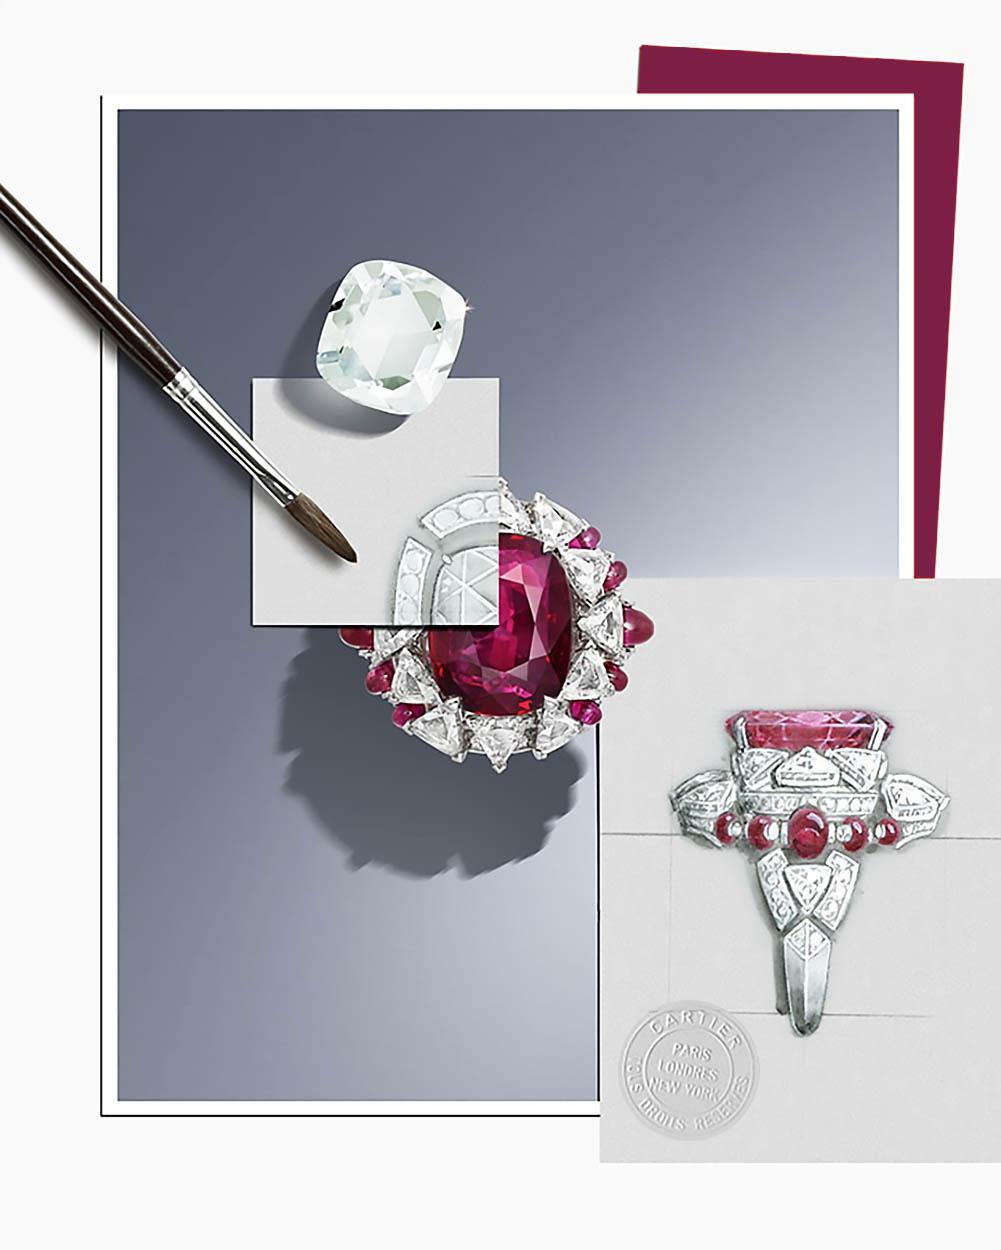 Эскиз кольца Phaan от Cartier с High Jewelry дизайном